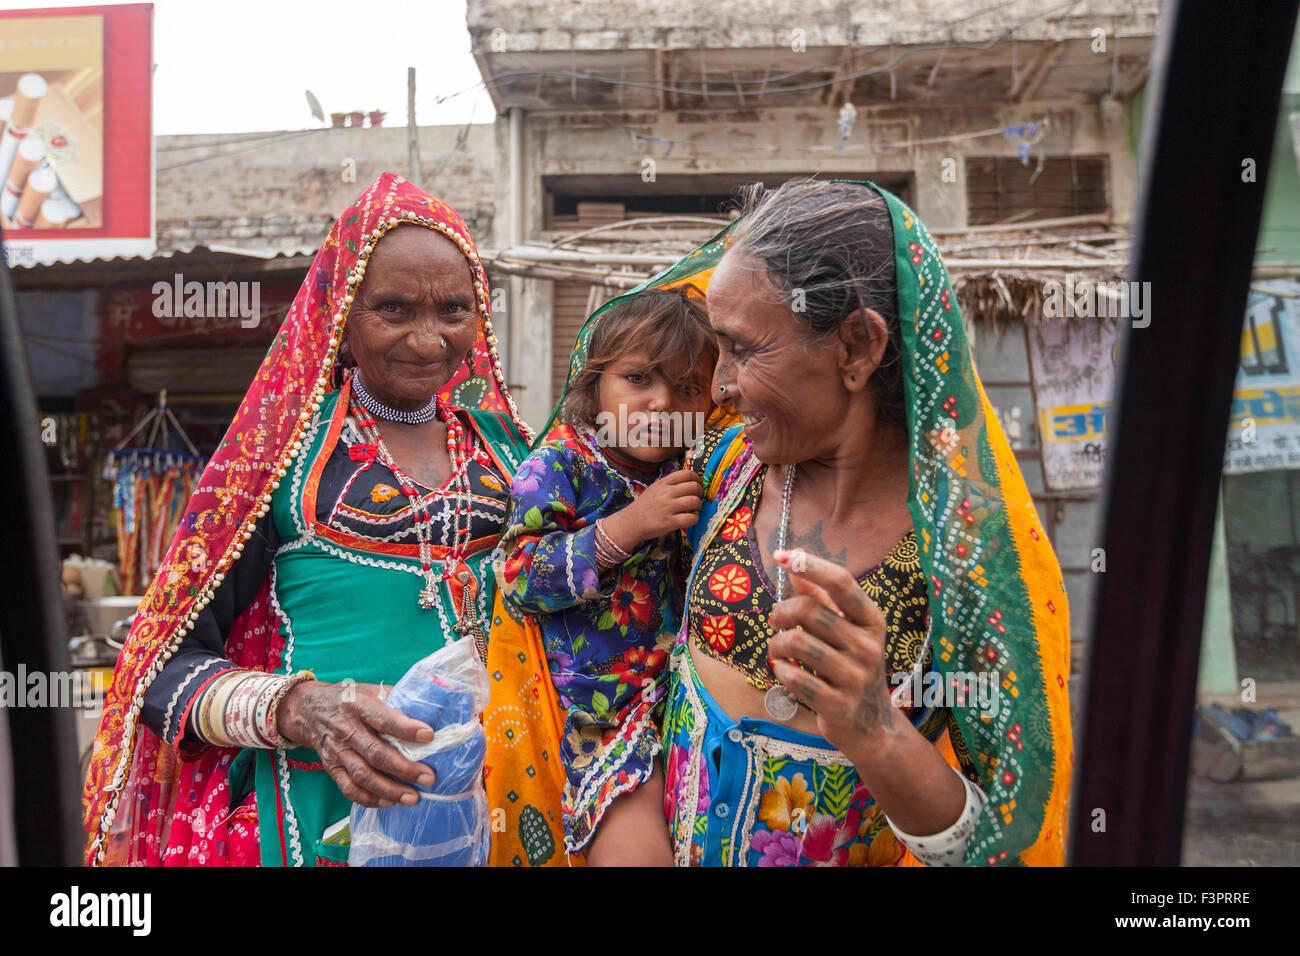 Rajasthani mujeres vestidas con trajes típicos que muestra a un niño a un turista en un taxi. Foto de stock